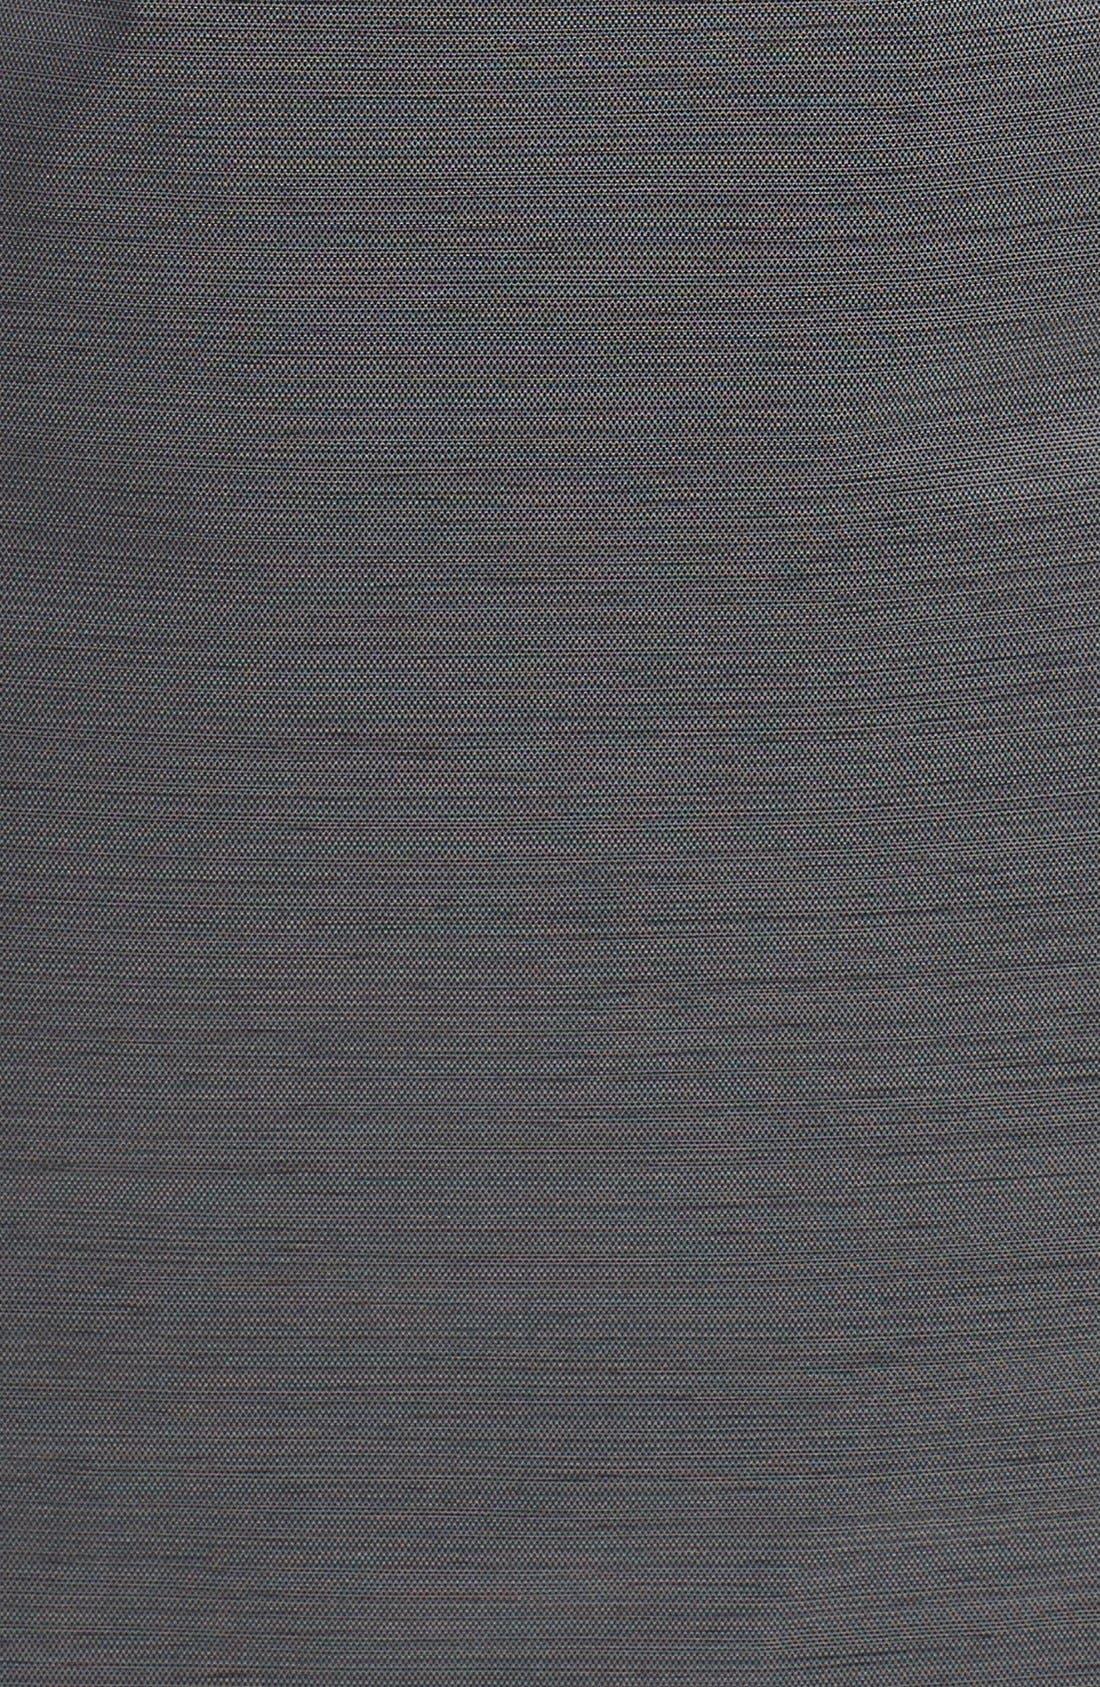 Hilton Waterproof Parka with Faux Fur Trim,                             Alternate thumbnail 6, color,                             001